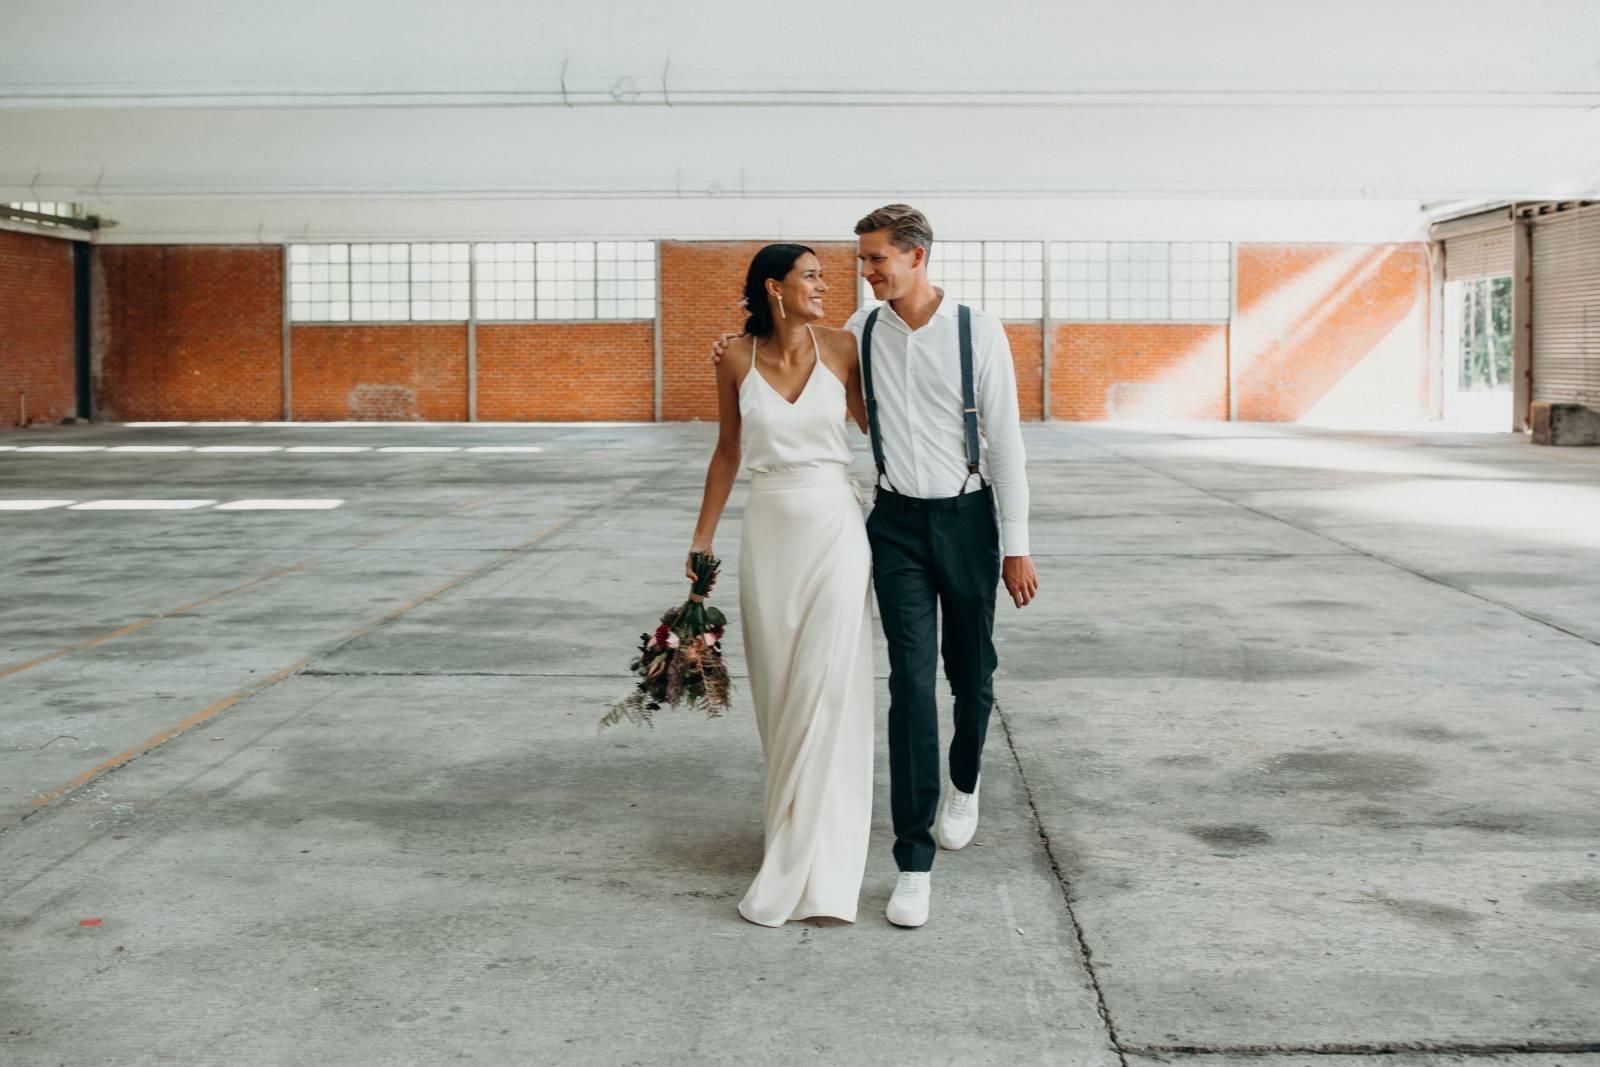 Sikkema - Trouwjurk - Bruidswinkel - Fotograaf Elke van den Ende - House of Weddings - 4